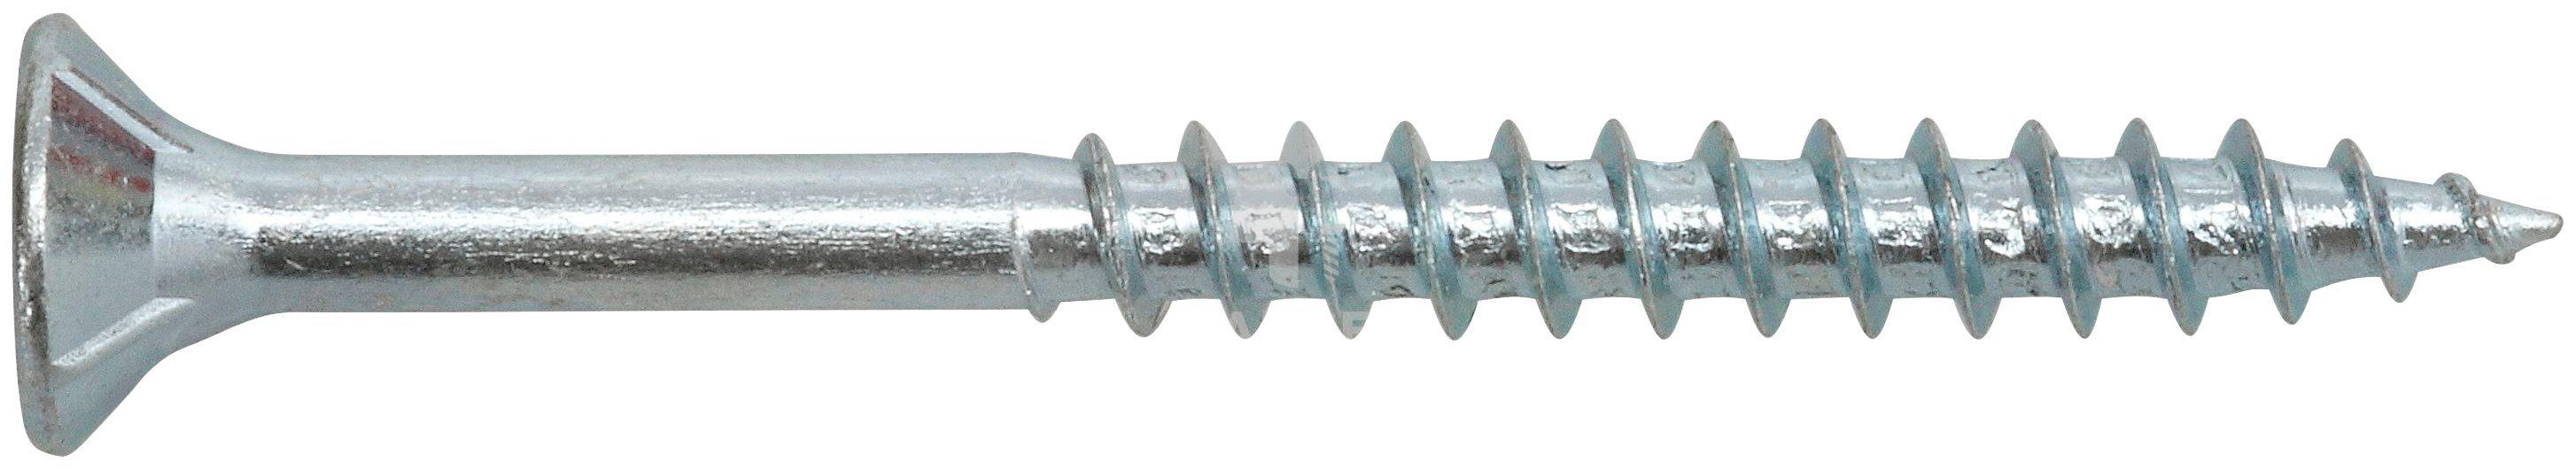 RAMSES Schrauben , Spanplattenschrauben 6 x 50 mm 100 Stk.